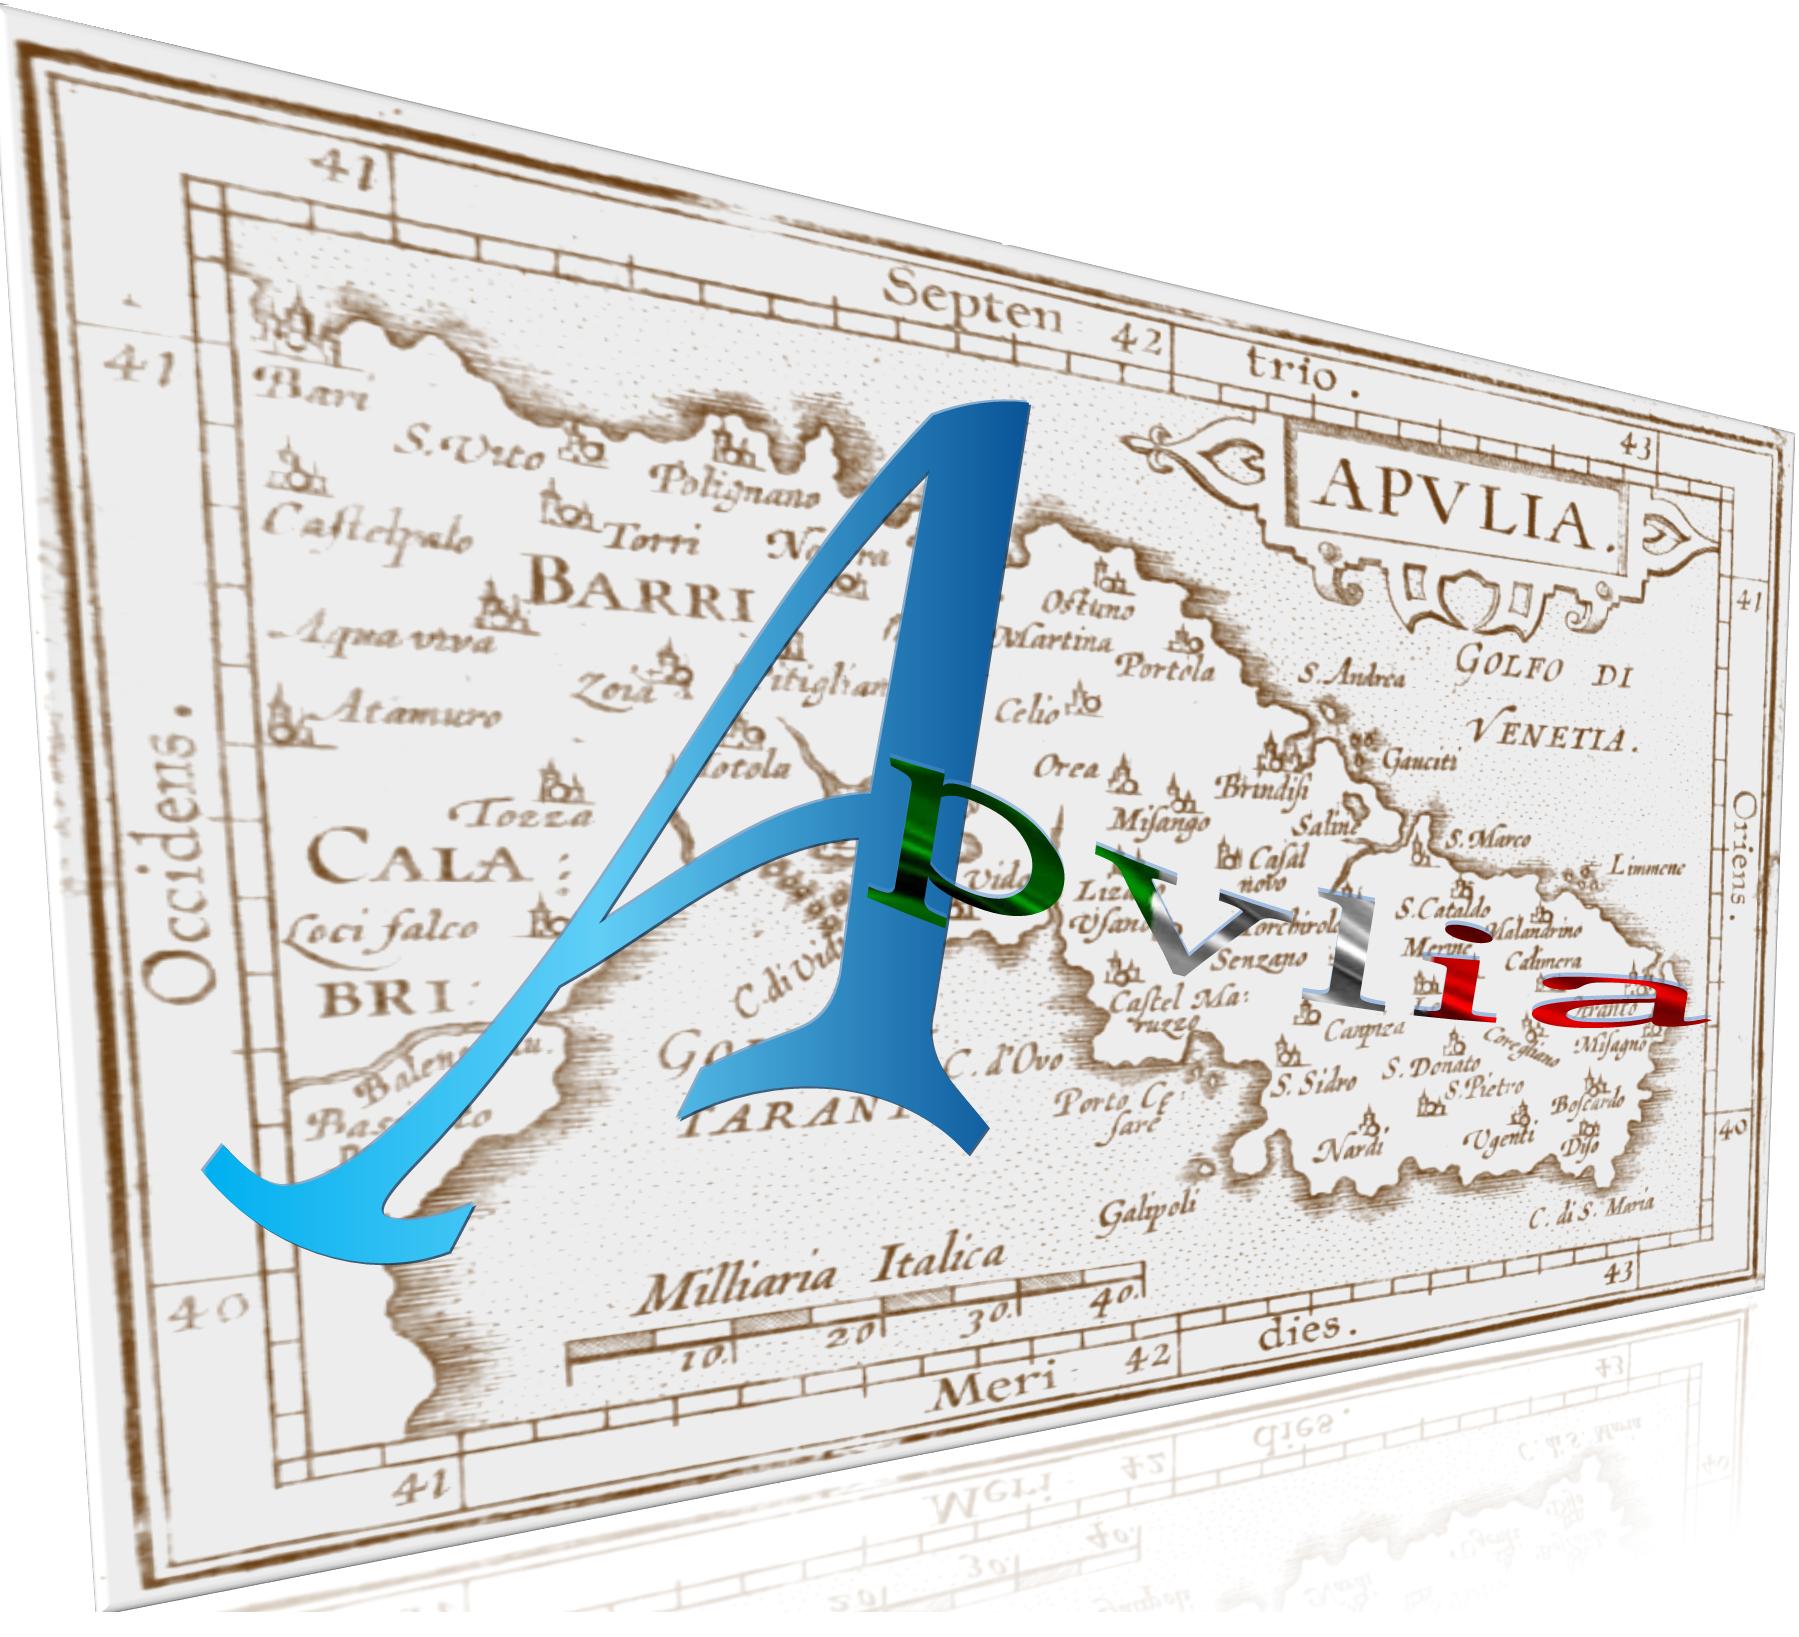 Apulia Ovunque - cover